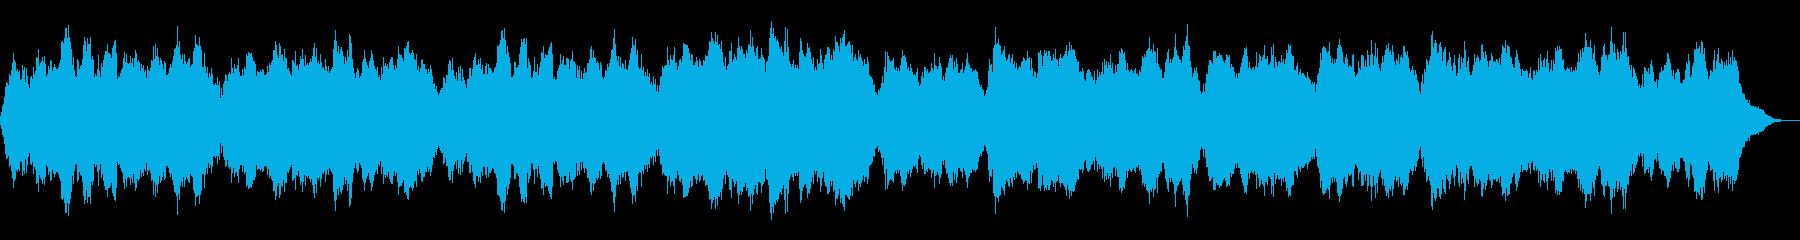 暖かく穏やかなヒーリングBGMの再生済みの波形